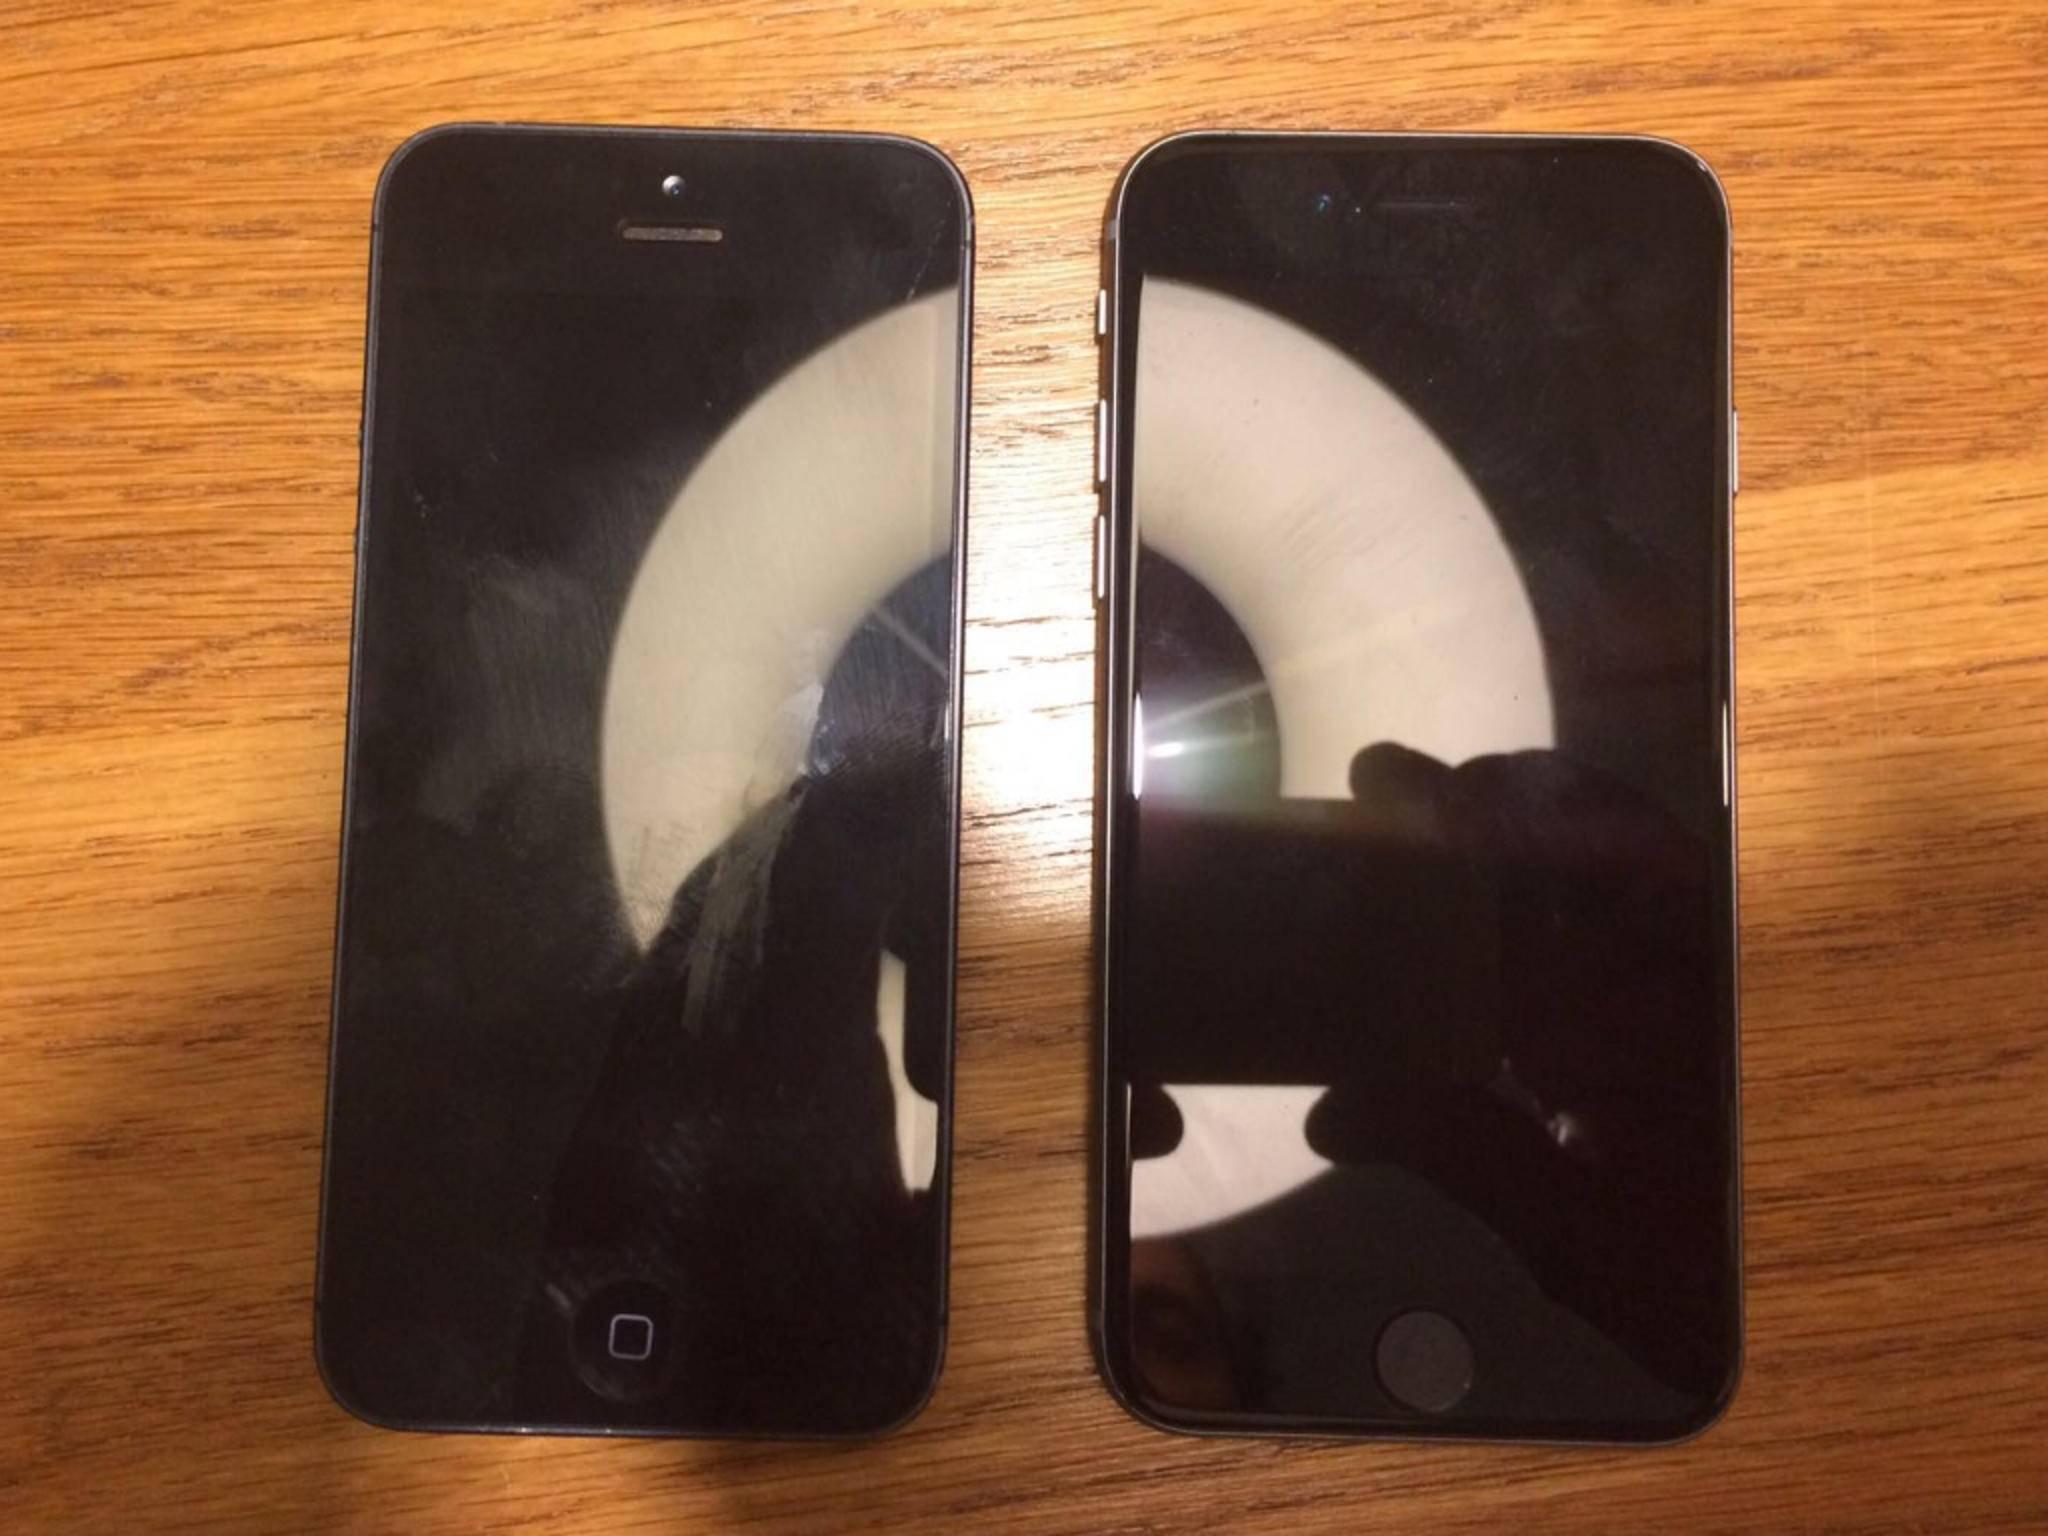 Links das iPhone 5, rechts das angebliche iPhone 5se.